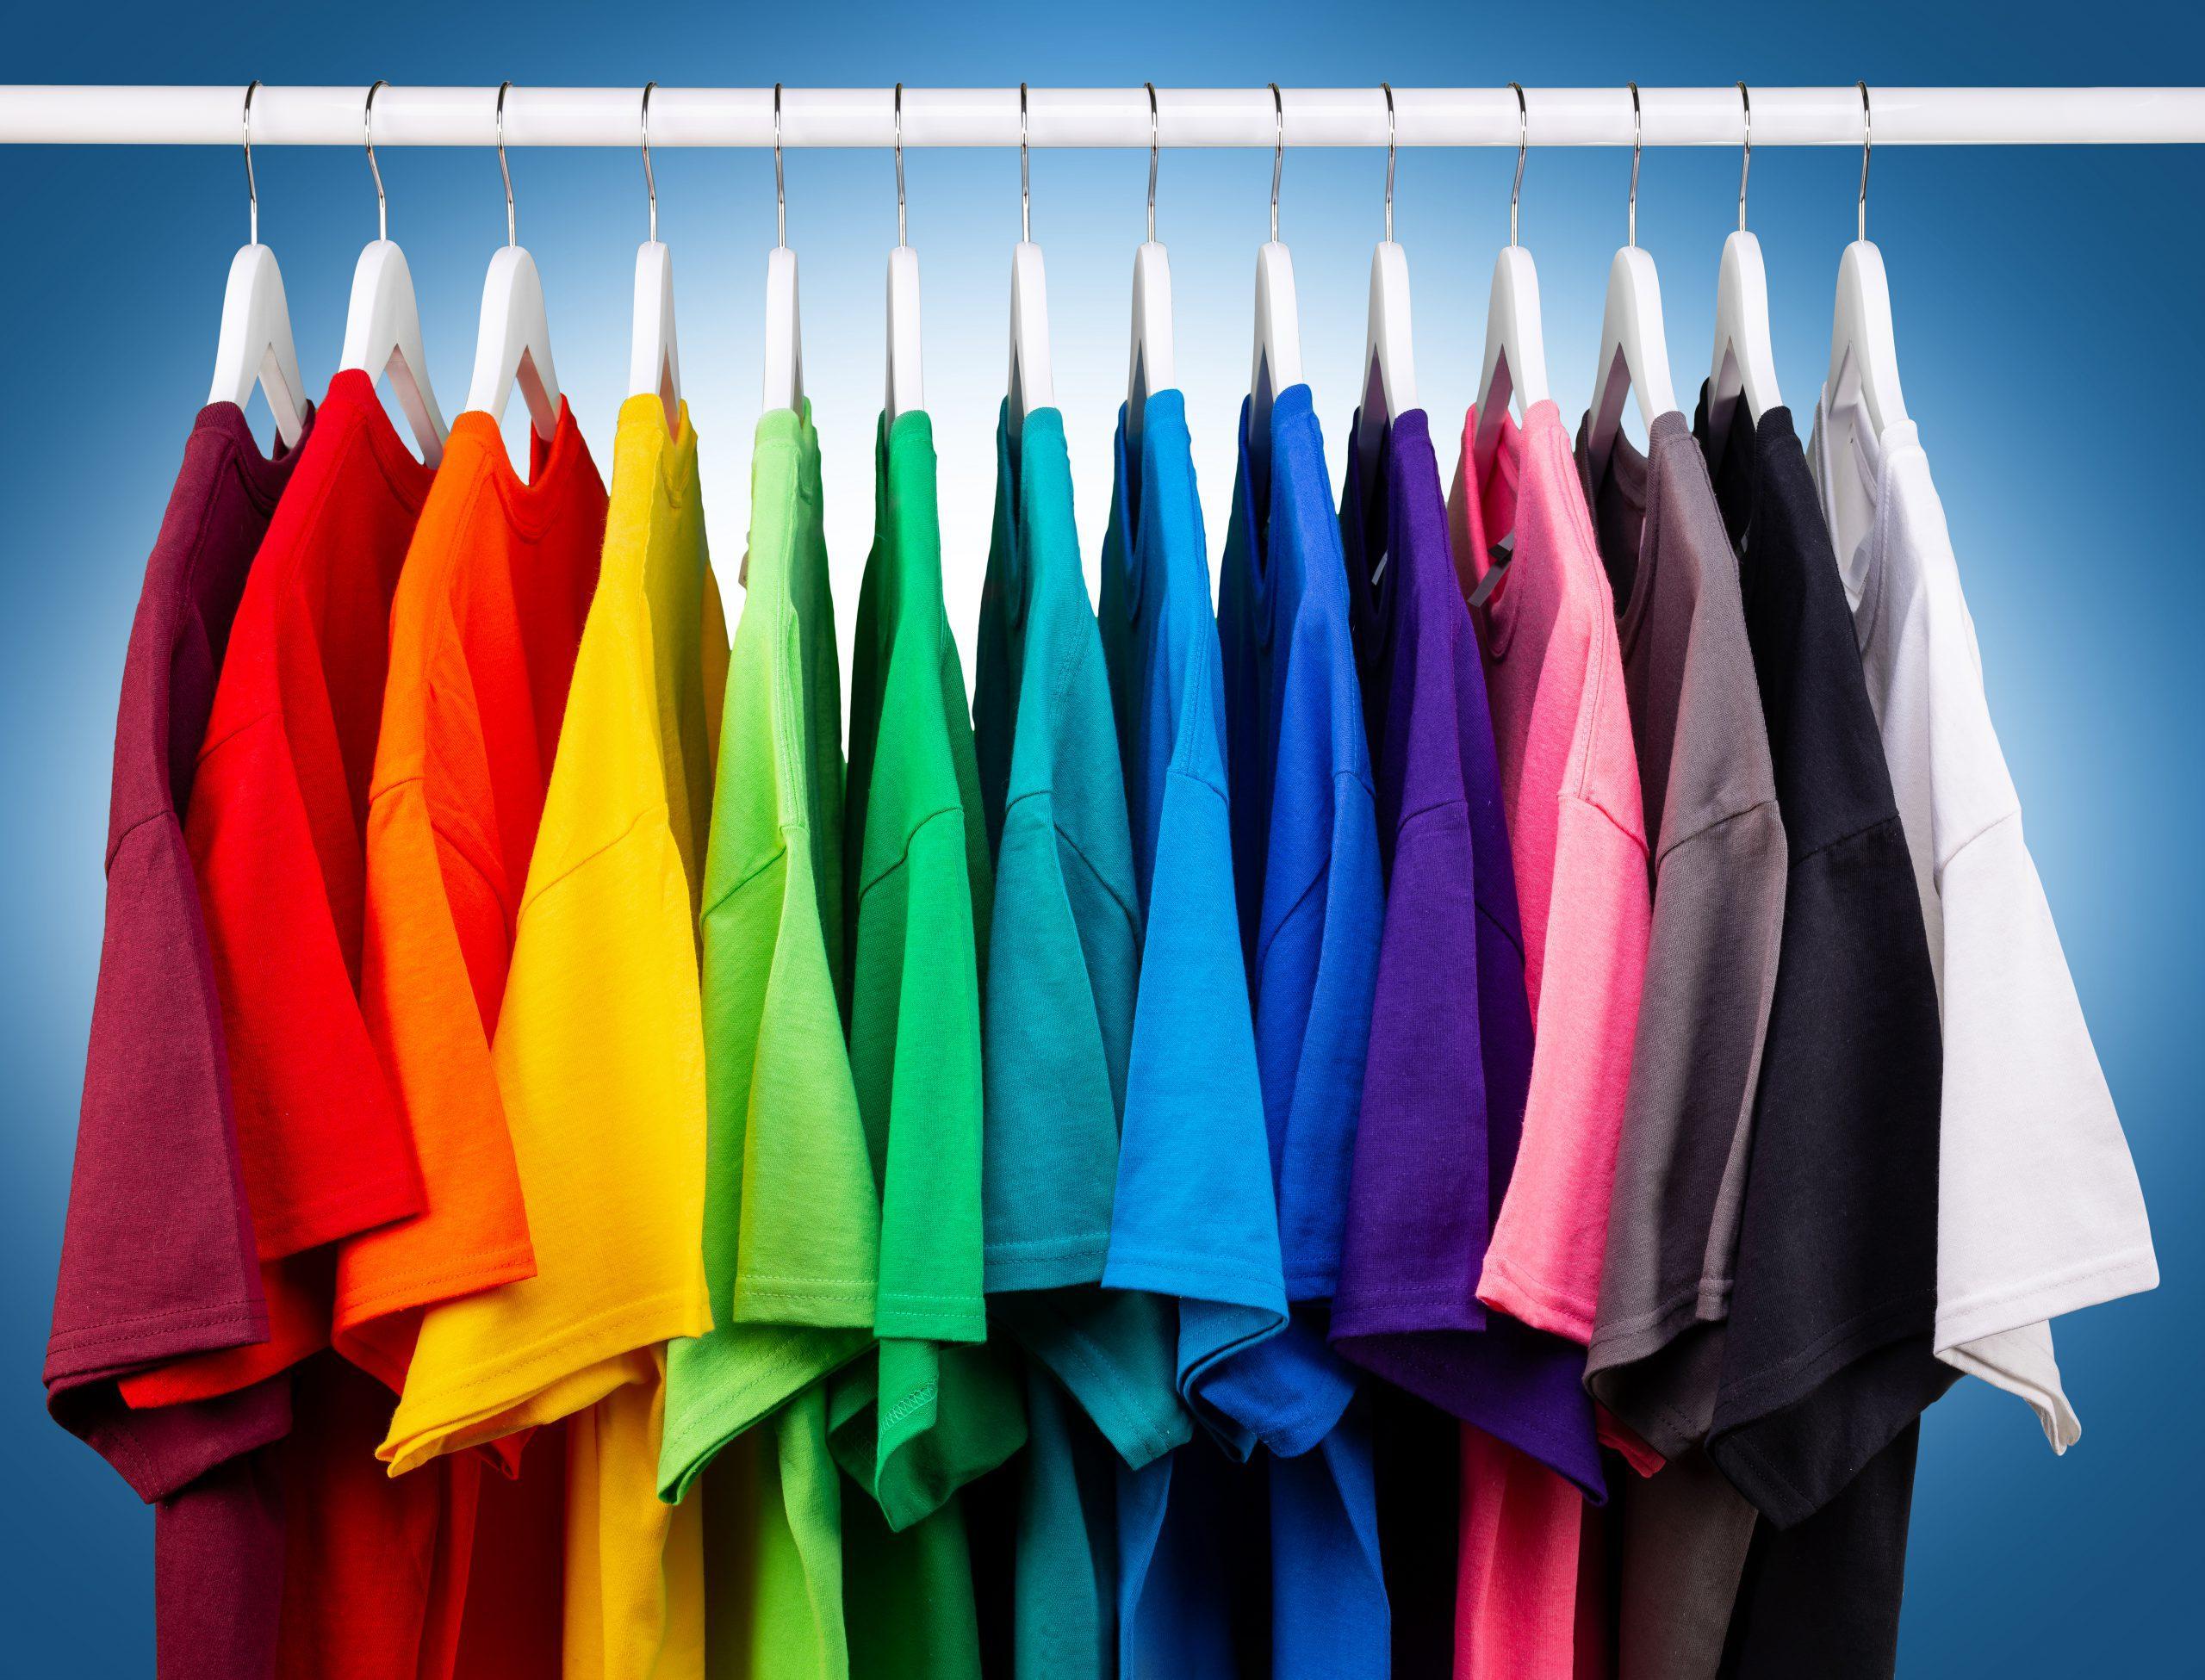 festa gekleurde kleding